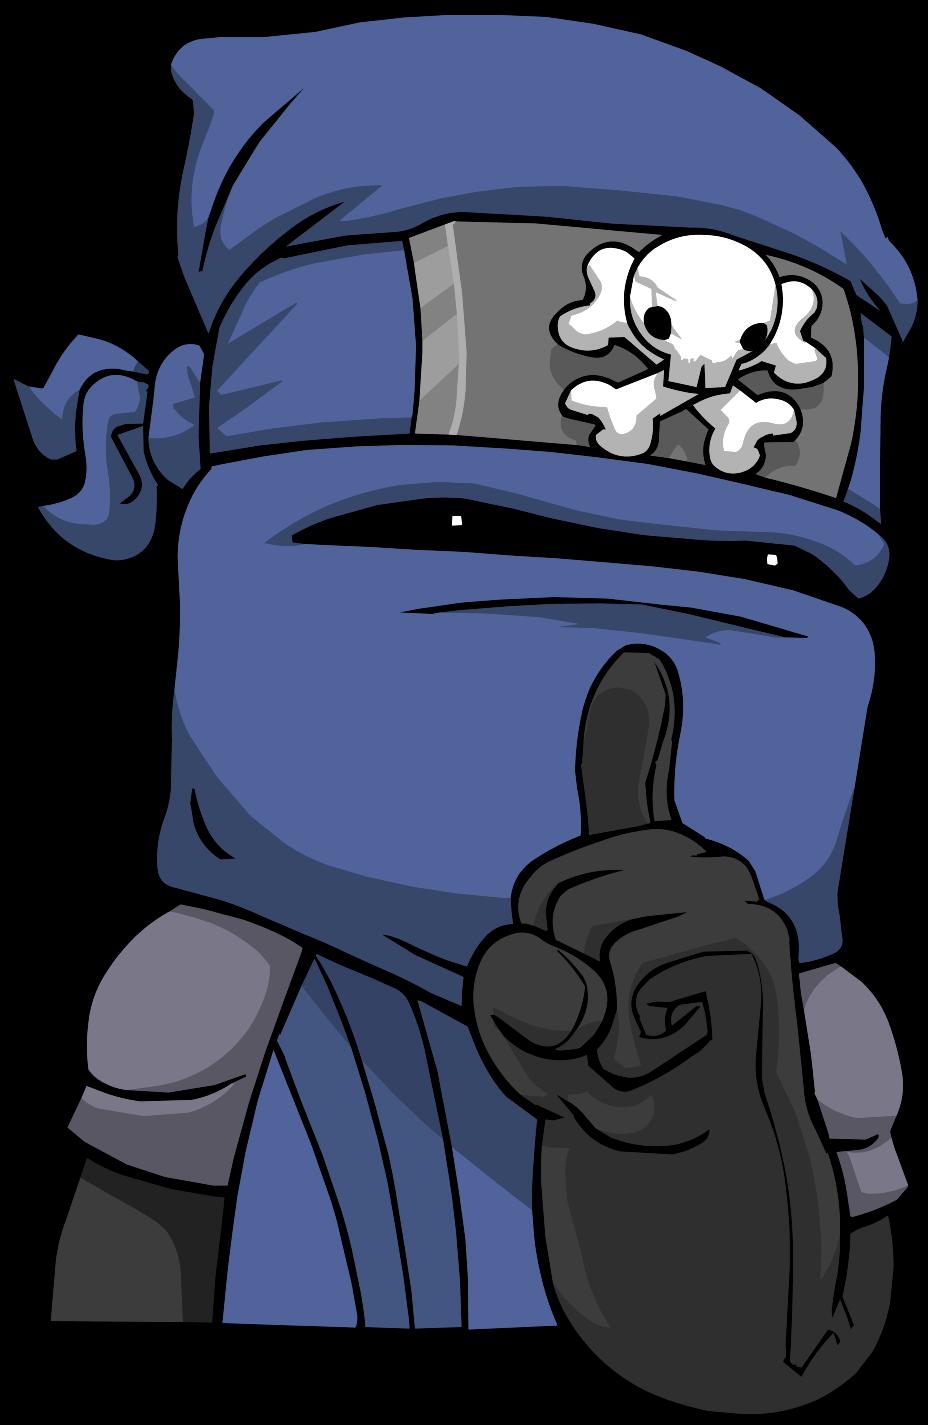 Ninja | Castle Crashers Wiki | FANDOM powered by Wikia